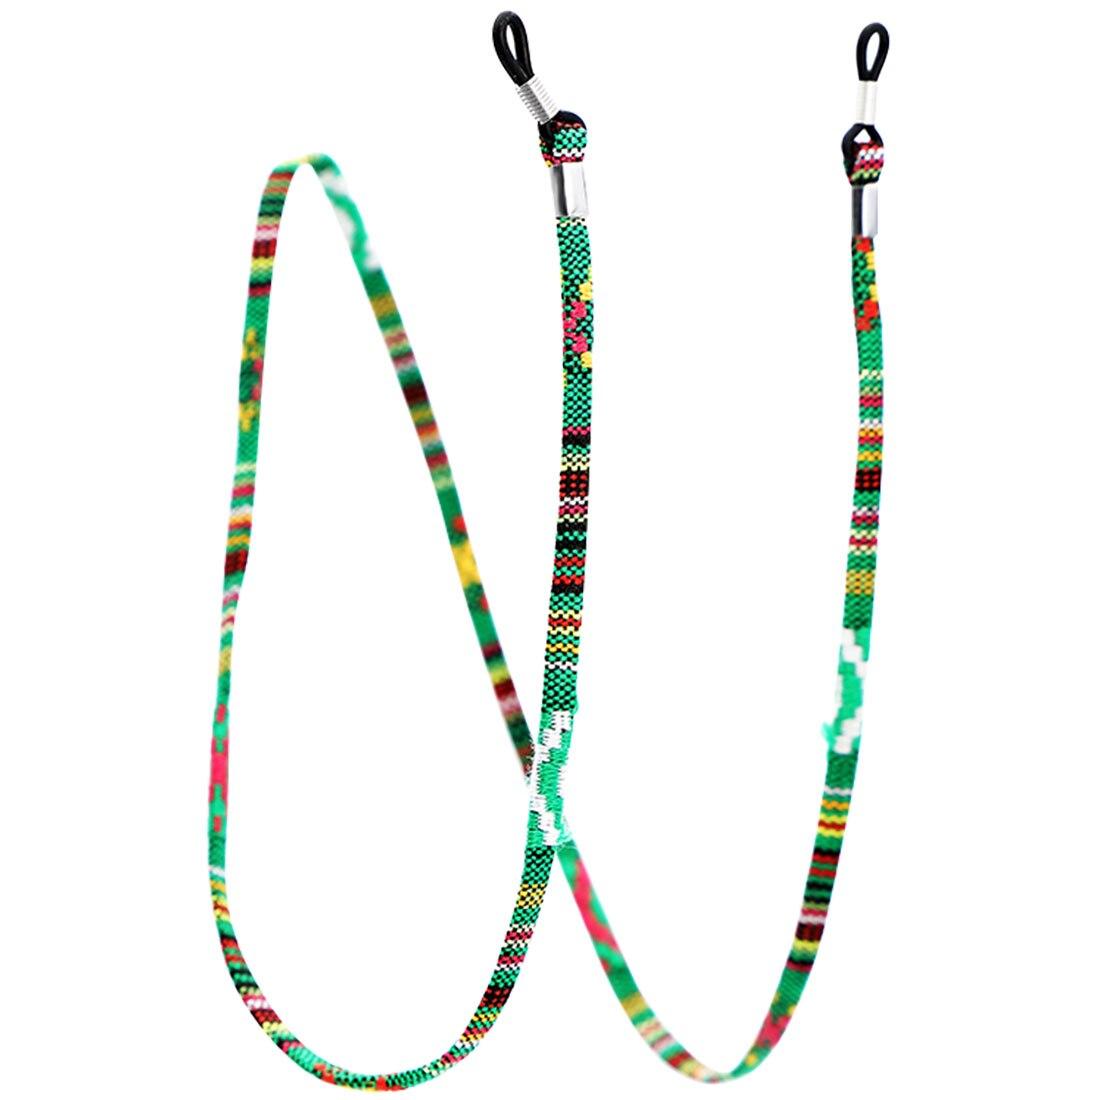 1 шт., 6 цветов, кожаный шнурок для очков, регулируемый конец, держатель для очков, красочные кожаные очки, шейный ремешок, веревка, ремешок - Цвет: 1